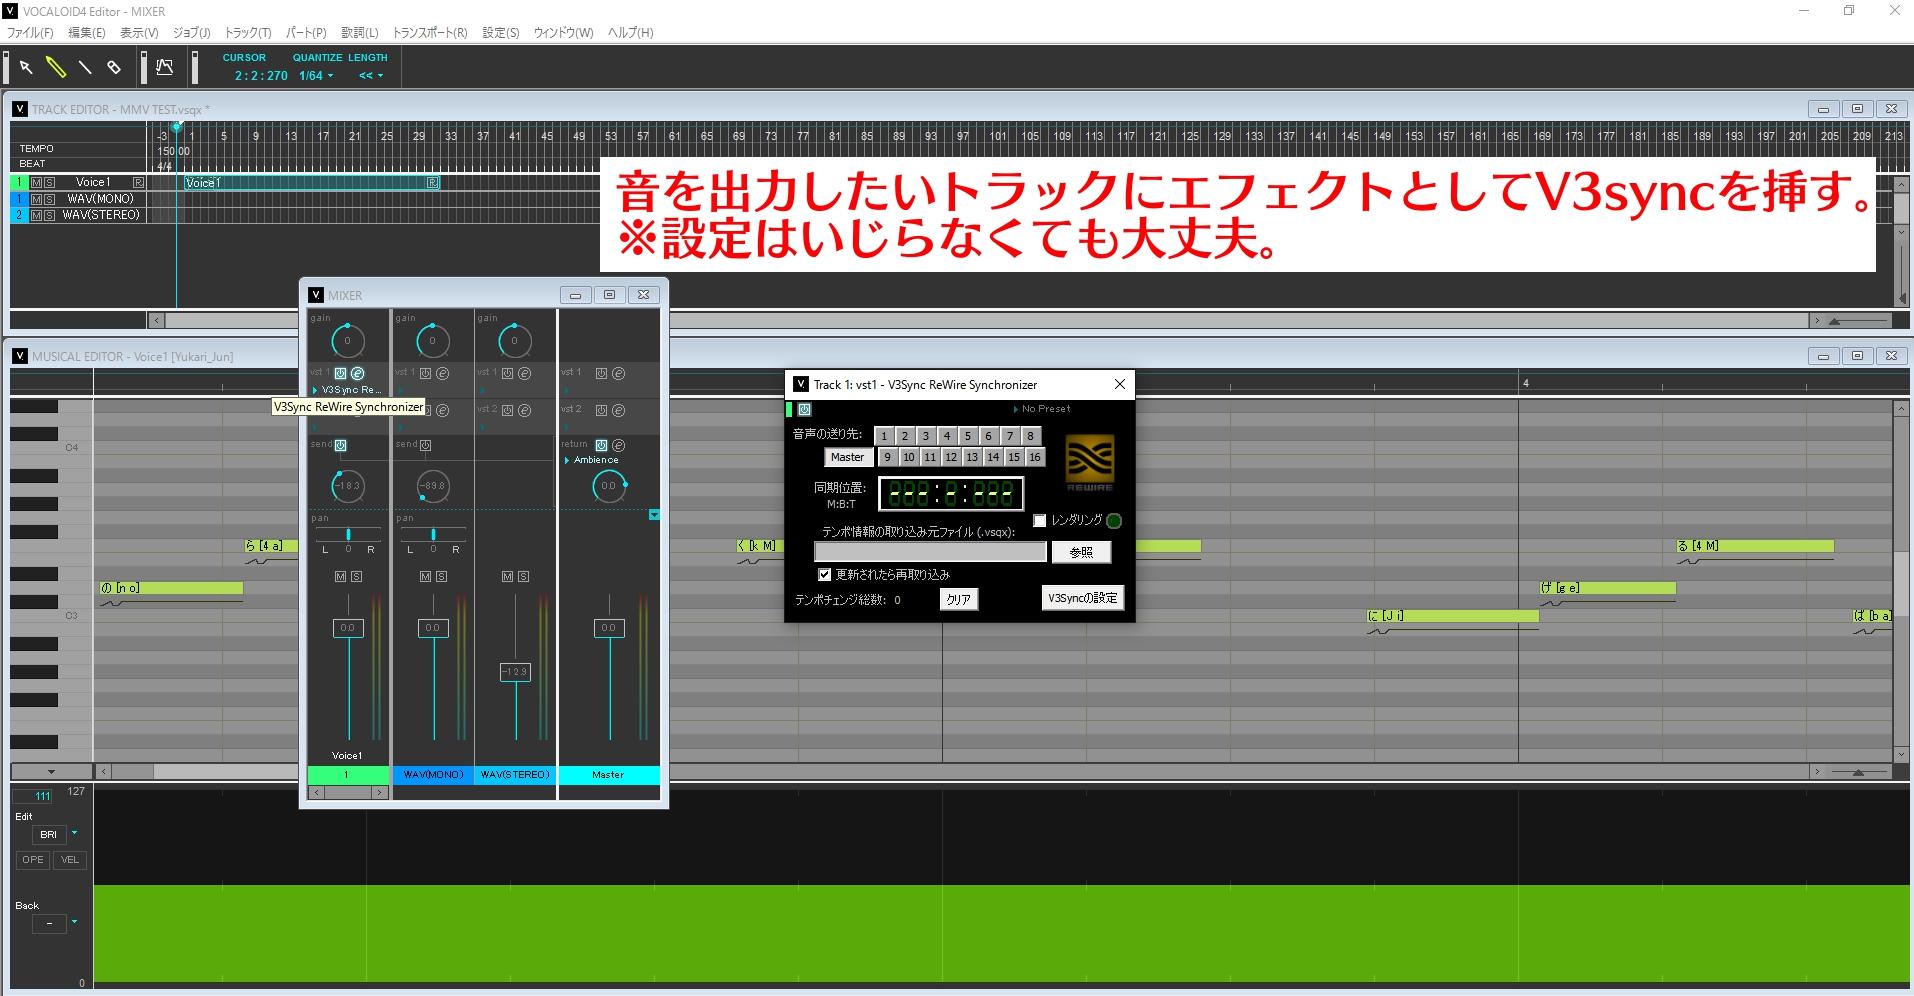 V3sync.jpg